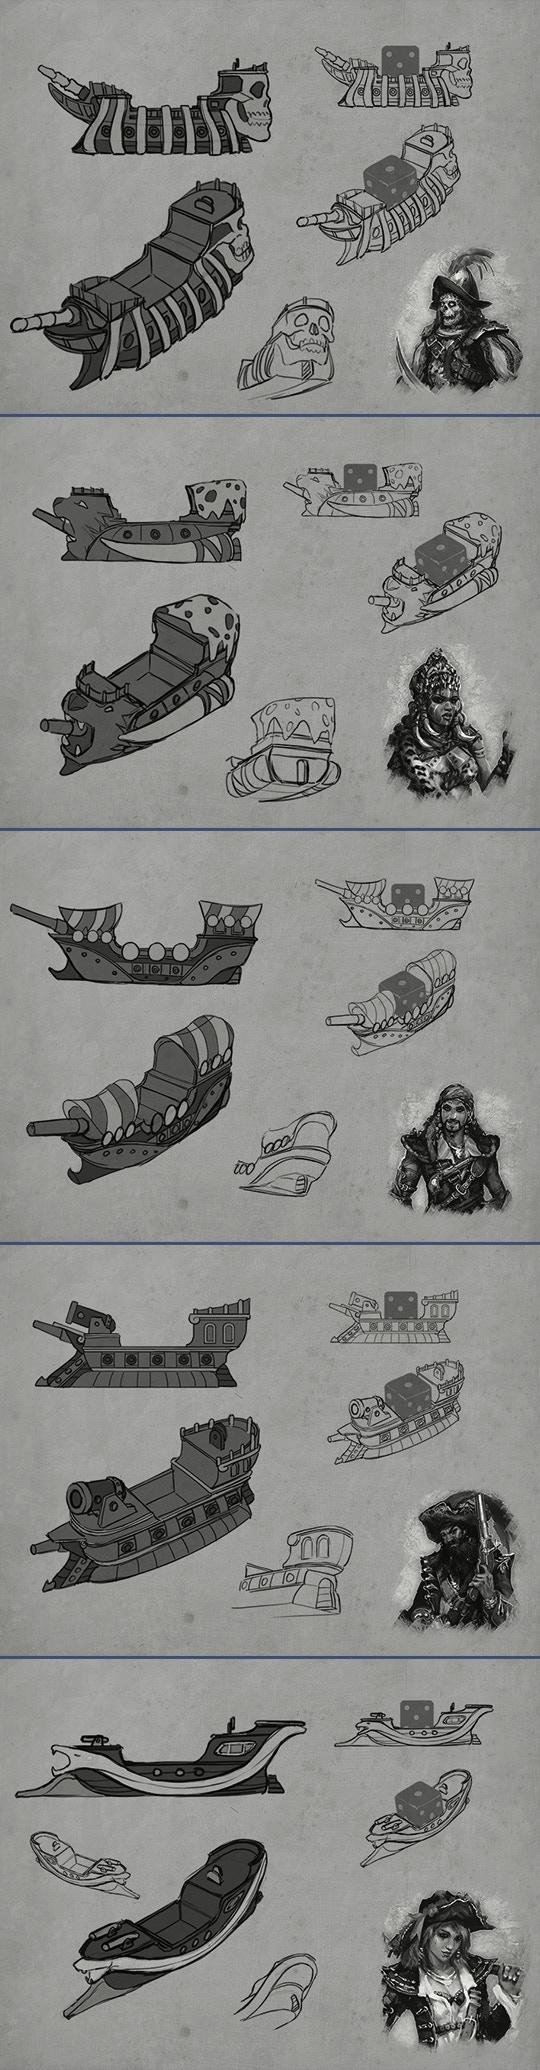 Concept Art for the Custom Ship Minis